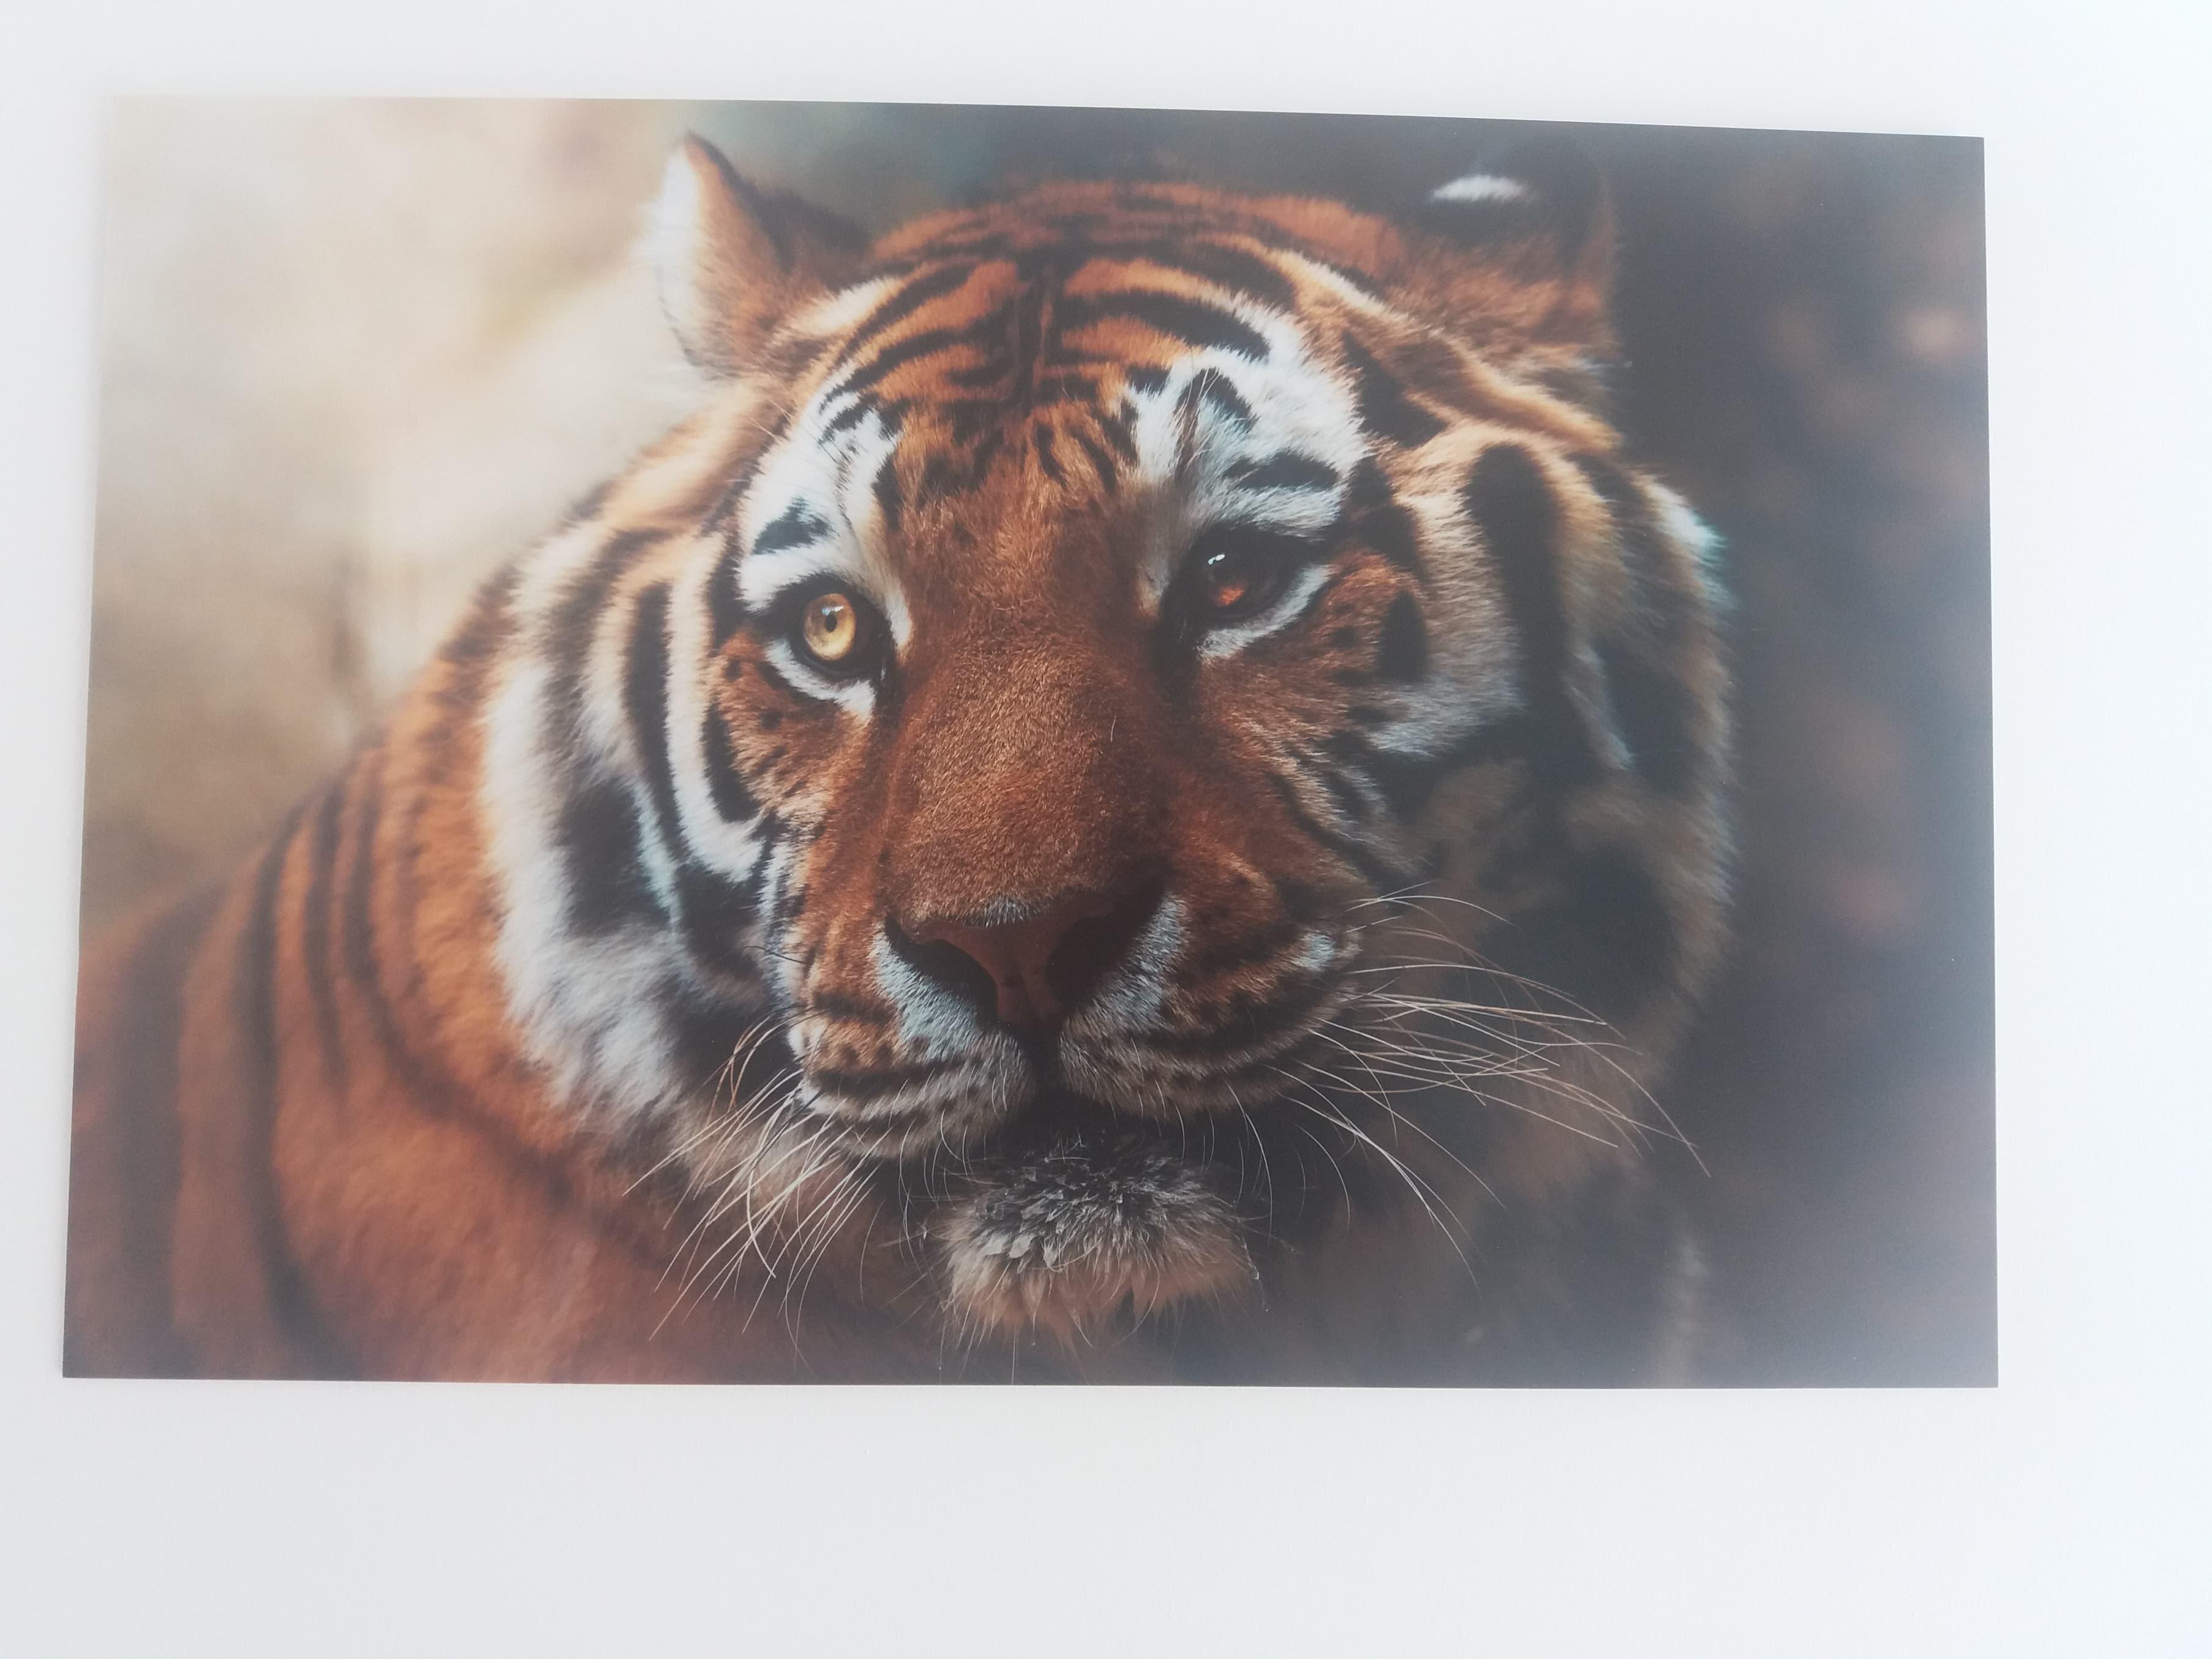 tirage pvc photographie animalière tigre félin décoration mur cabinet var toulon